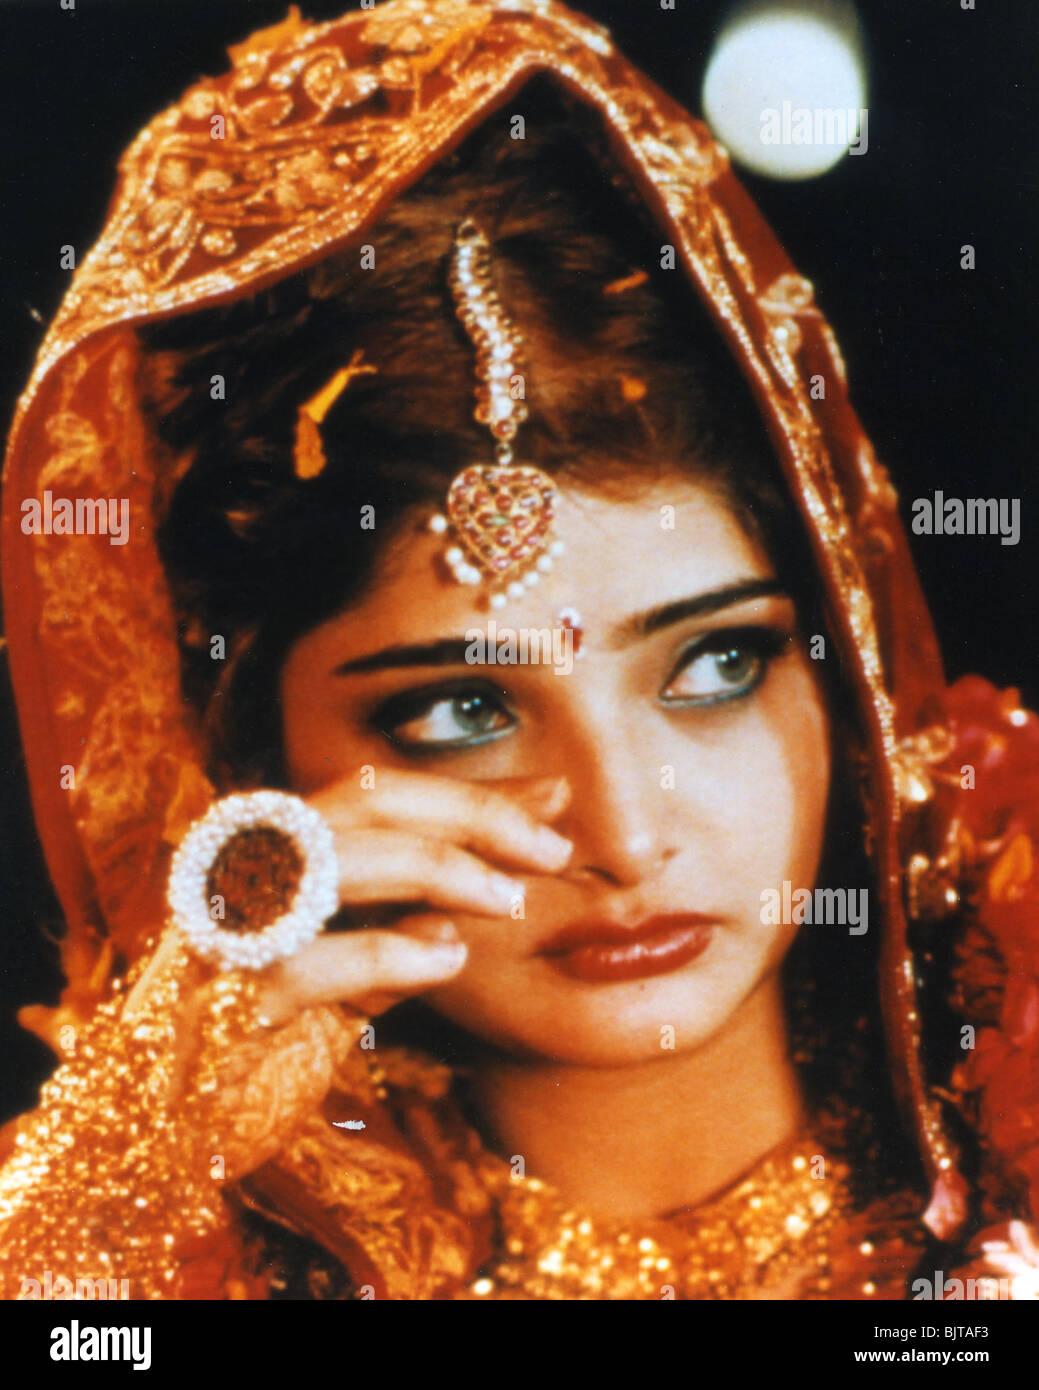 MONSOON WEDDING  - 2001 Film4 production with Vasundhara Das as Aditi Verma - Stock Image